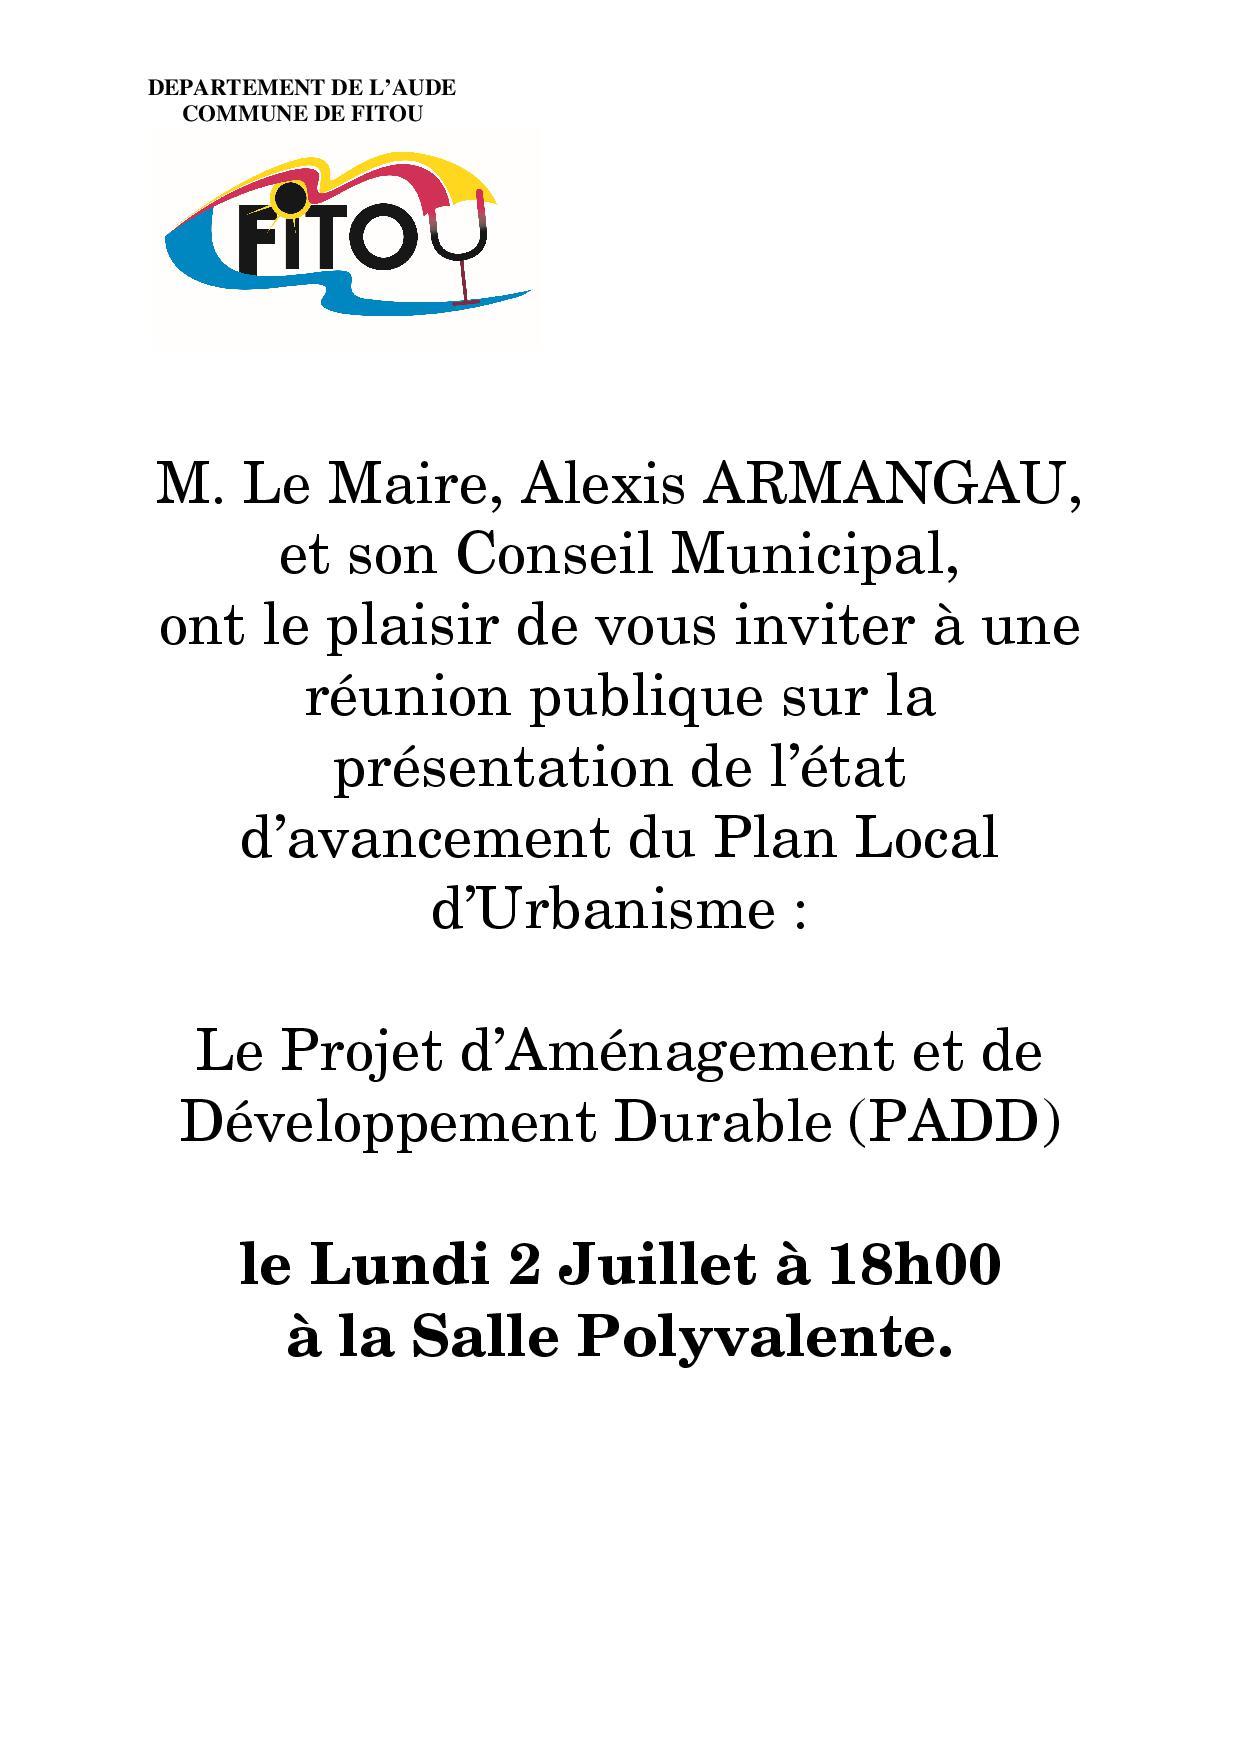 RÉUNION PUBLIQUE 02.07.18